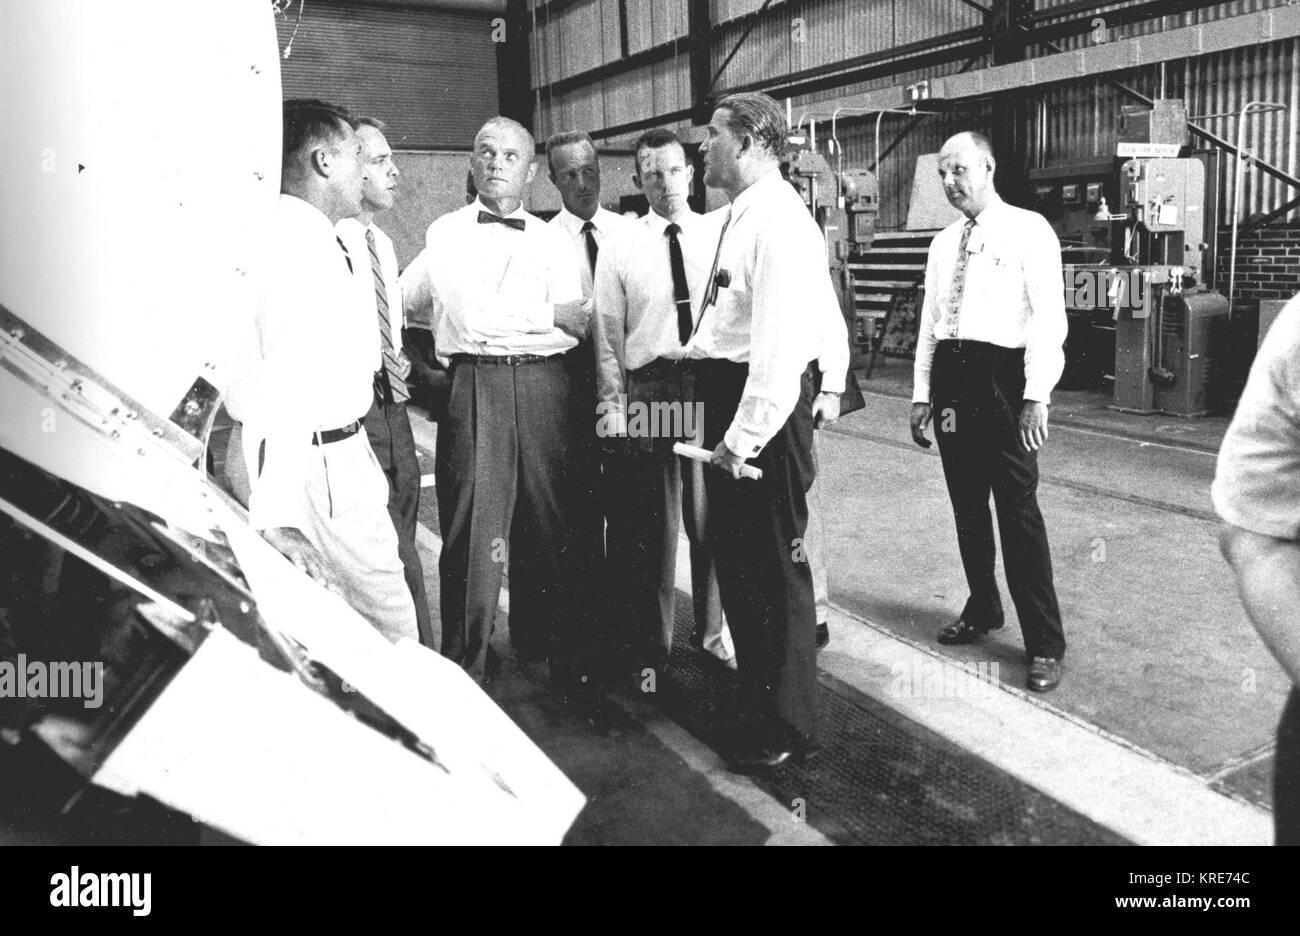 DR. WERNHER VON BRAUN MIT DEN SIEBEN URSPRÜNGLICHEN ASTRONAUTEN Von Braun mit Astronauten prüfen Mercury-Redstone LINKS -6975366 Stockfoto